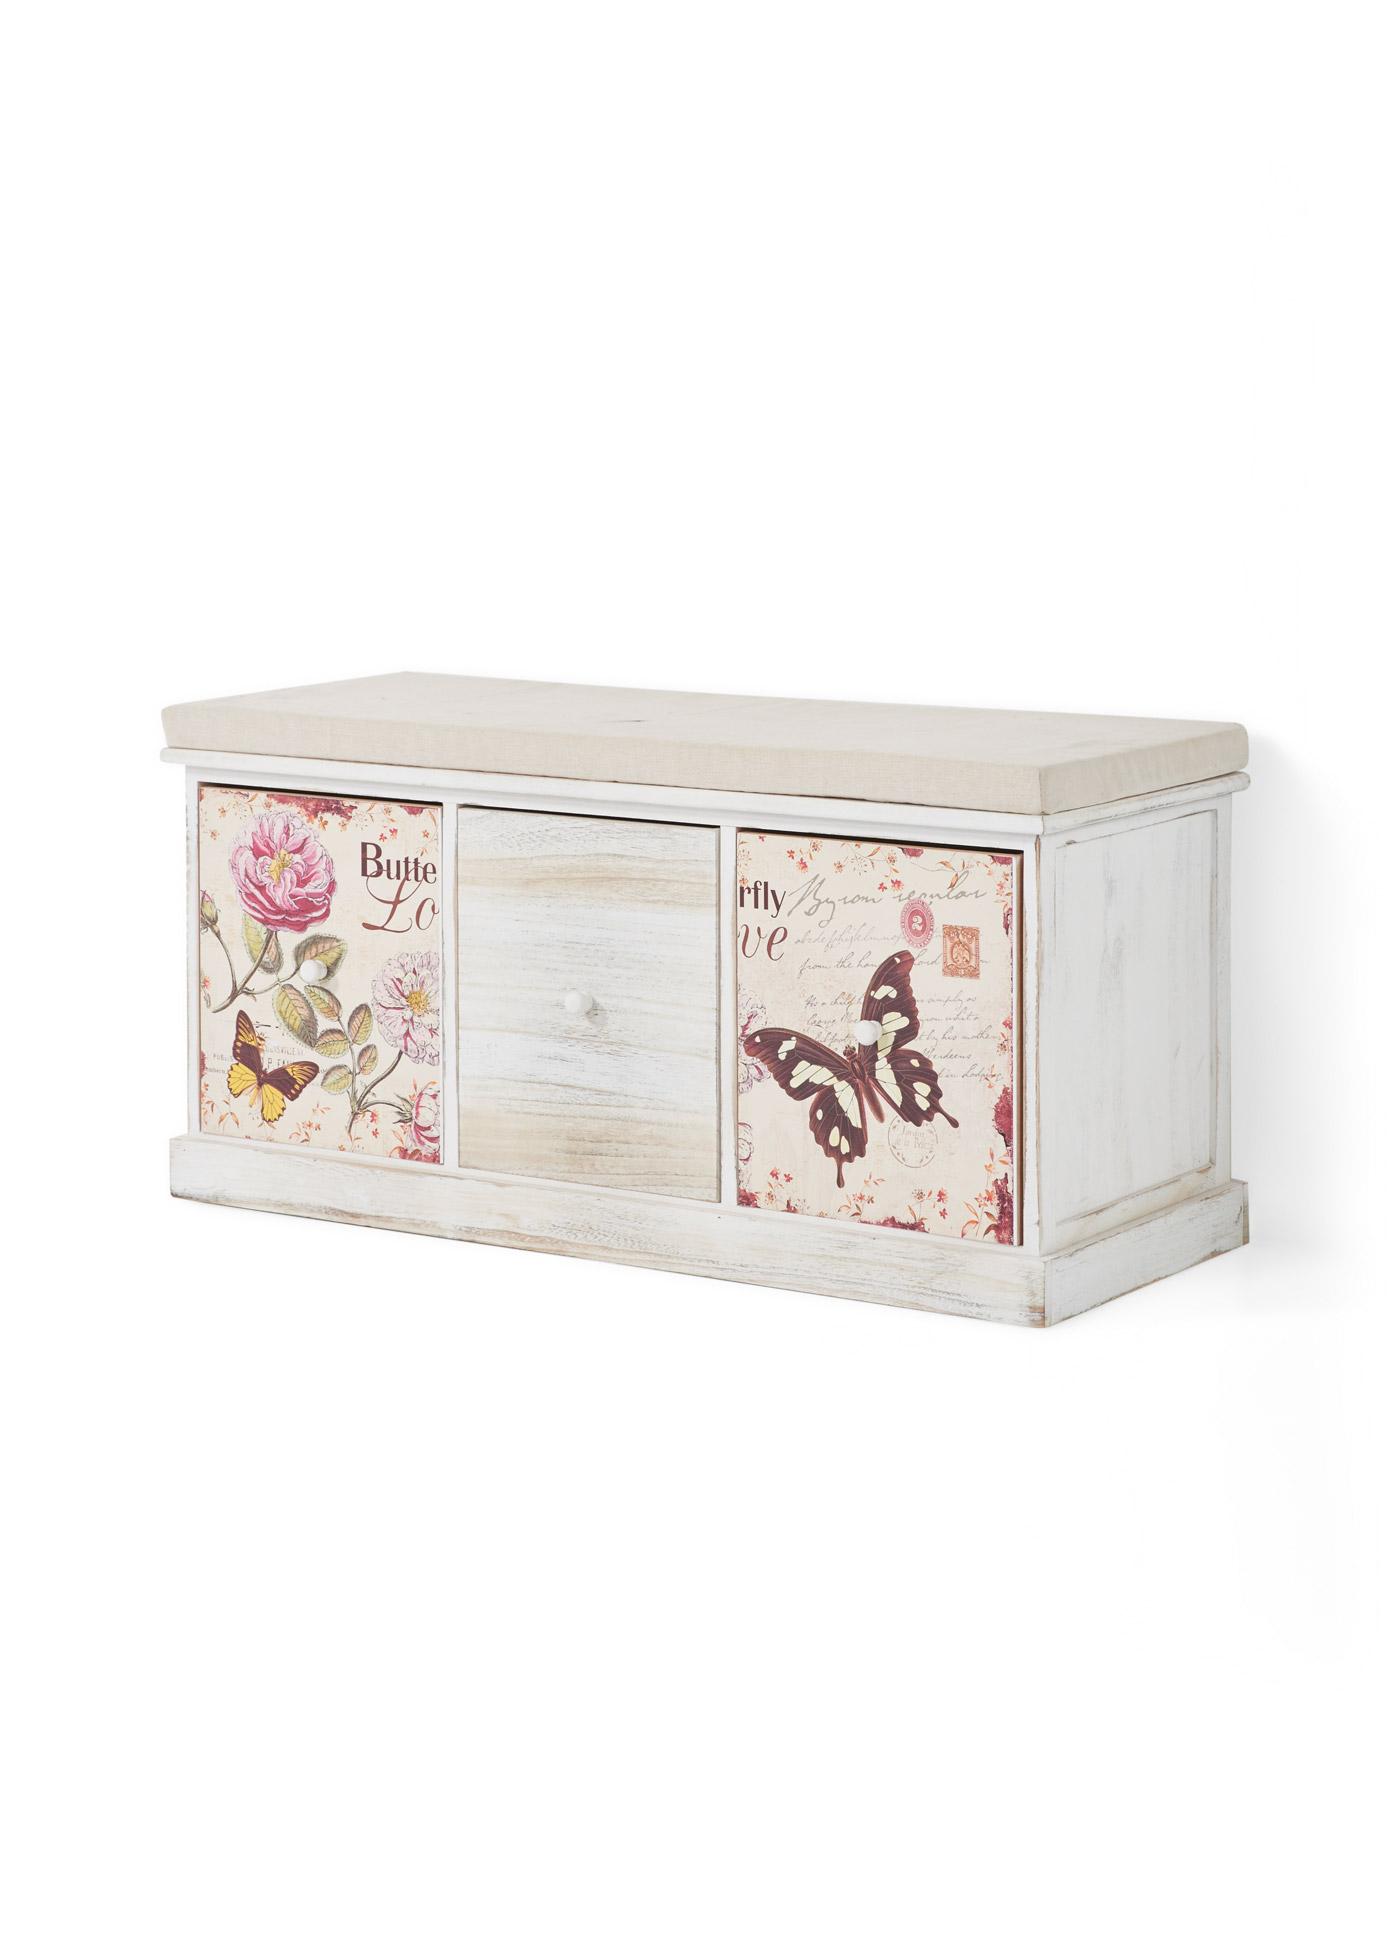 Sitzbank mit Schmetterling-Design